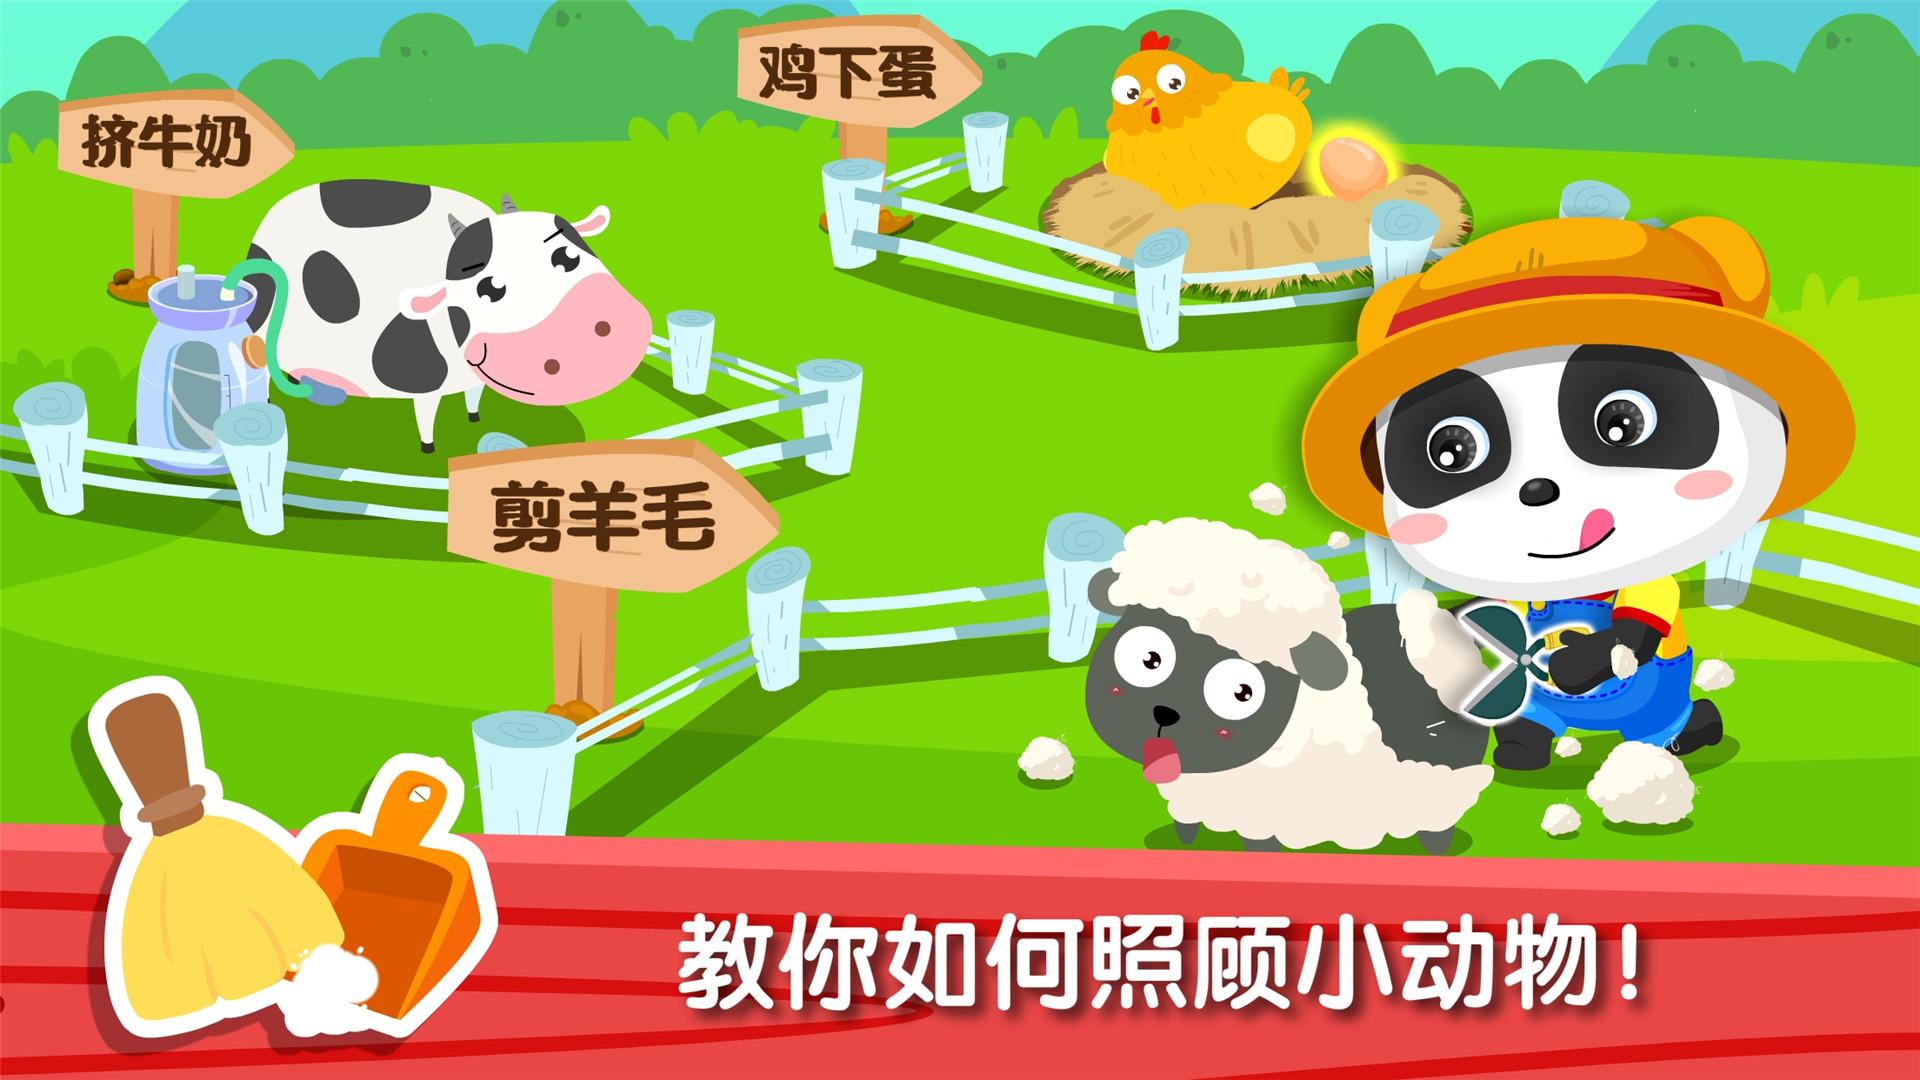 奇妙农场-宝宝巴士-应用截图